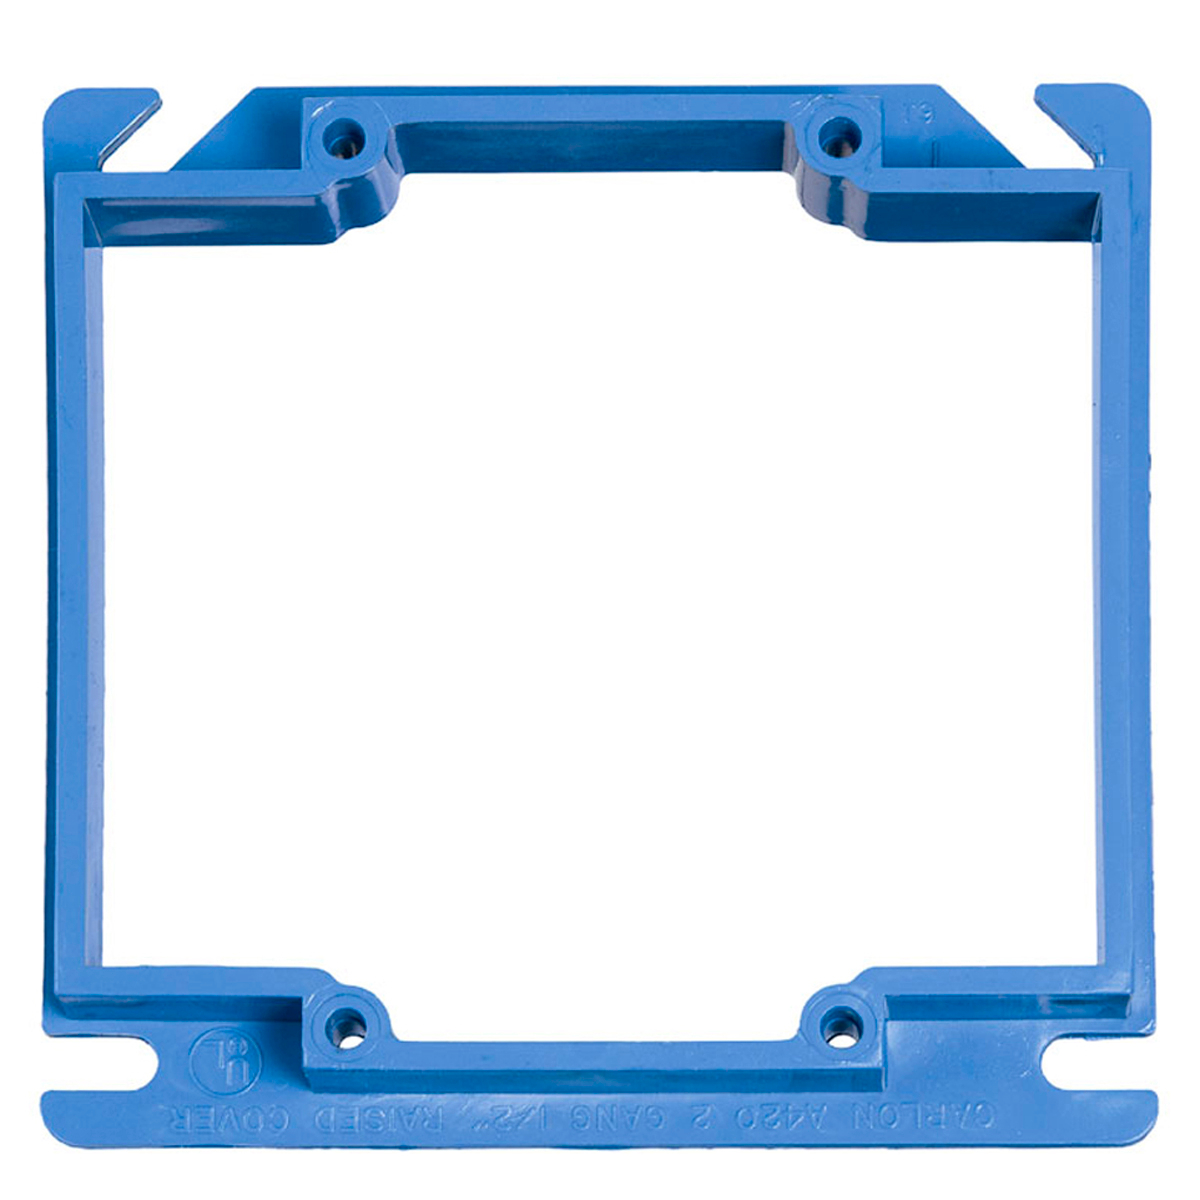 CAR A420 BLUE 4-IN SQ 2G BOX CVR CS=75 CTX EZ06DXA